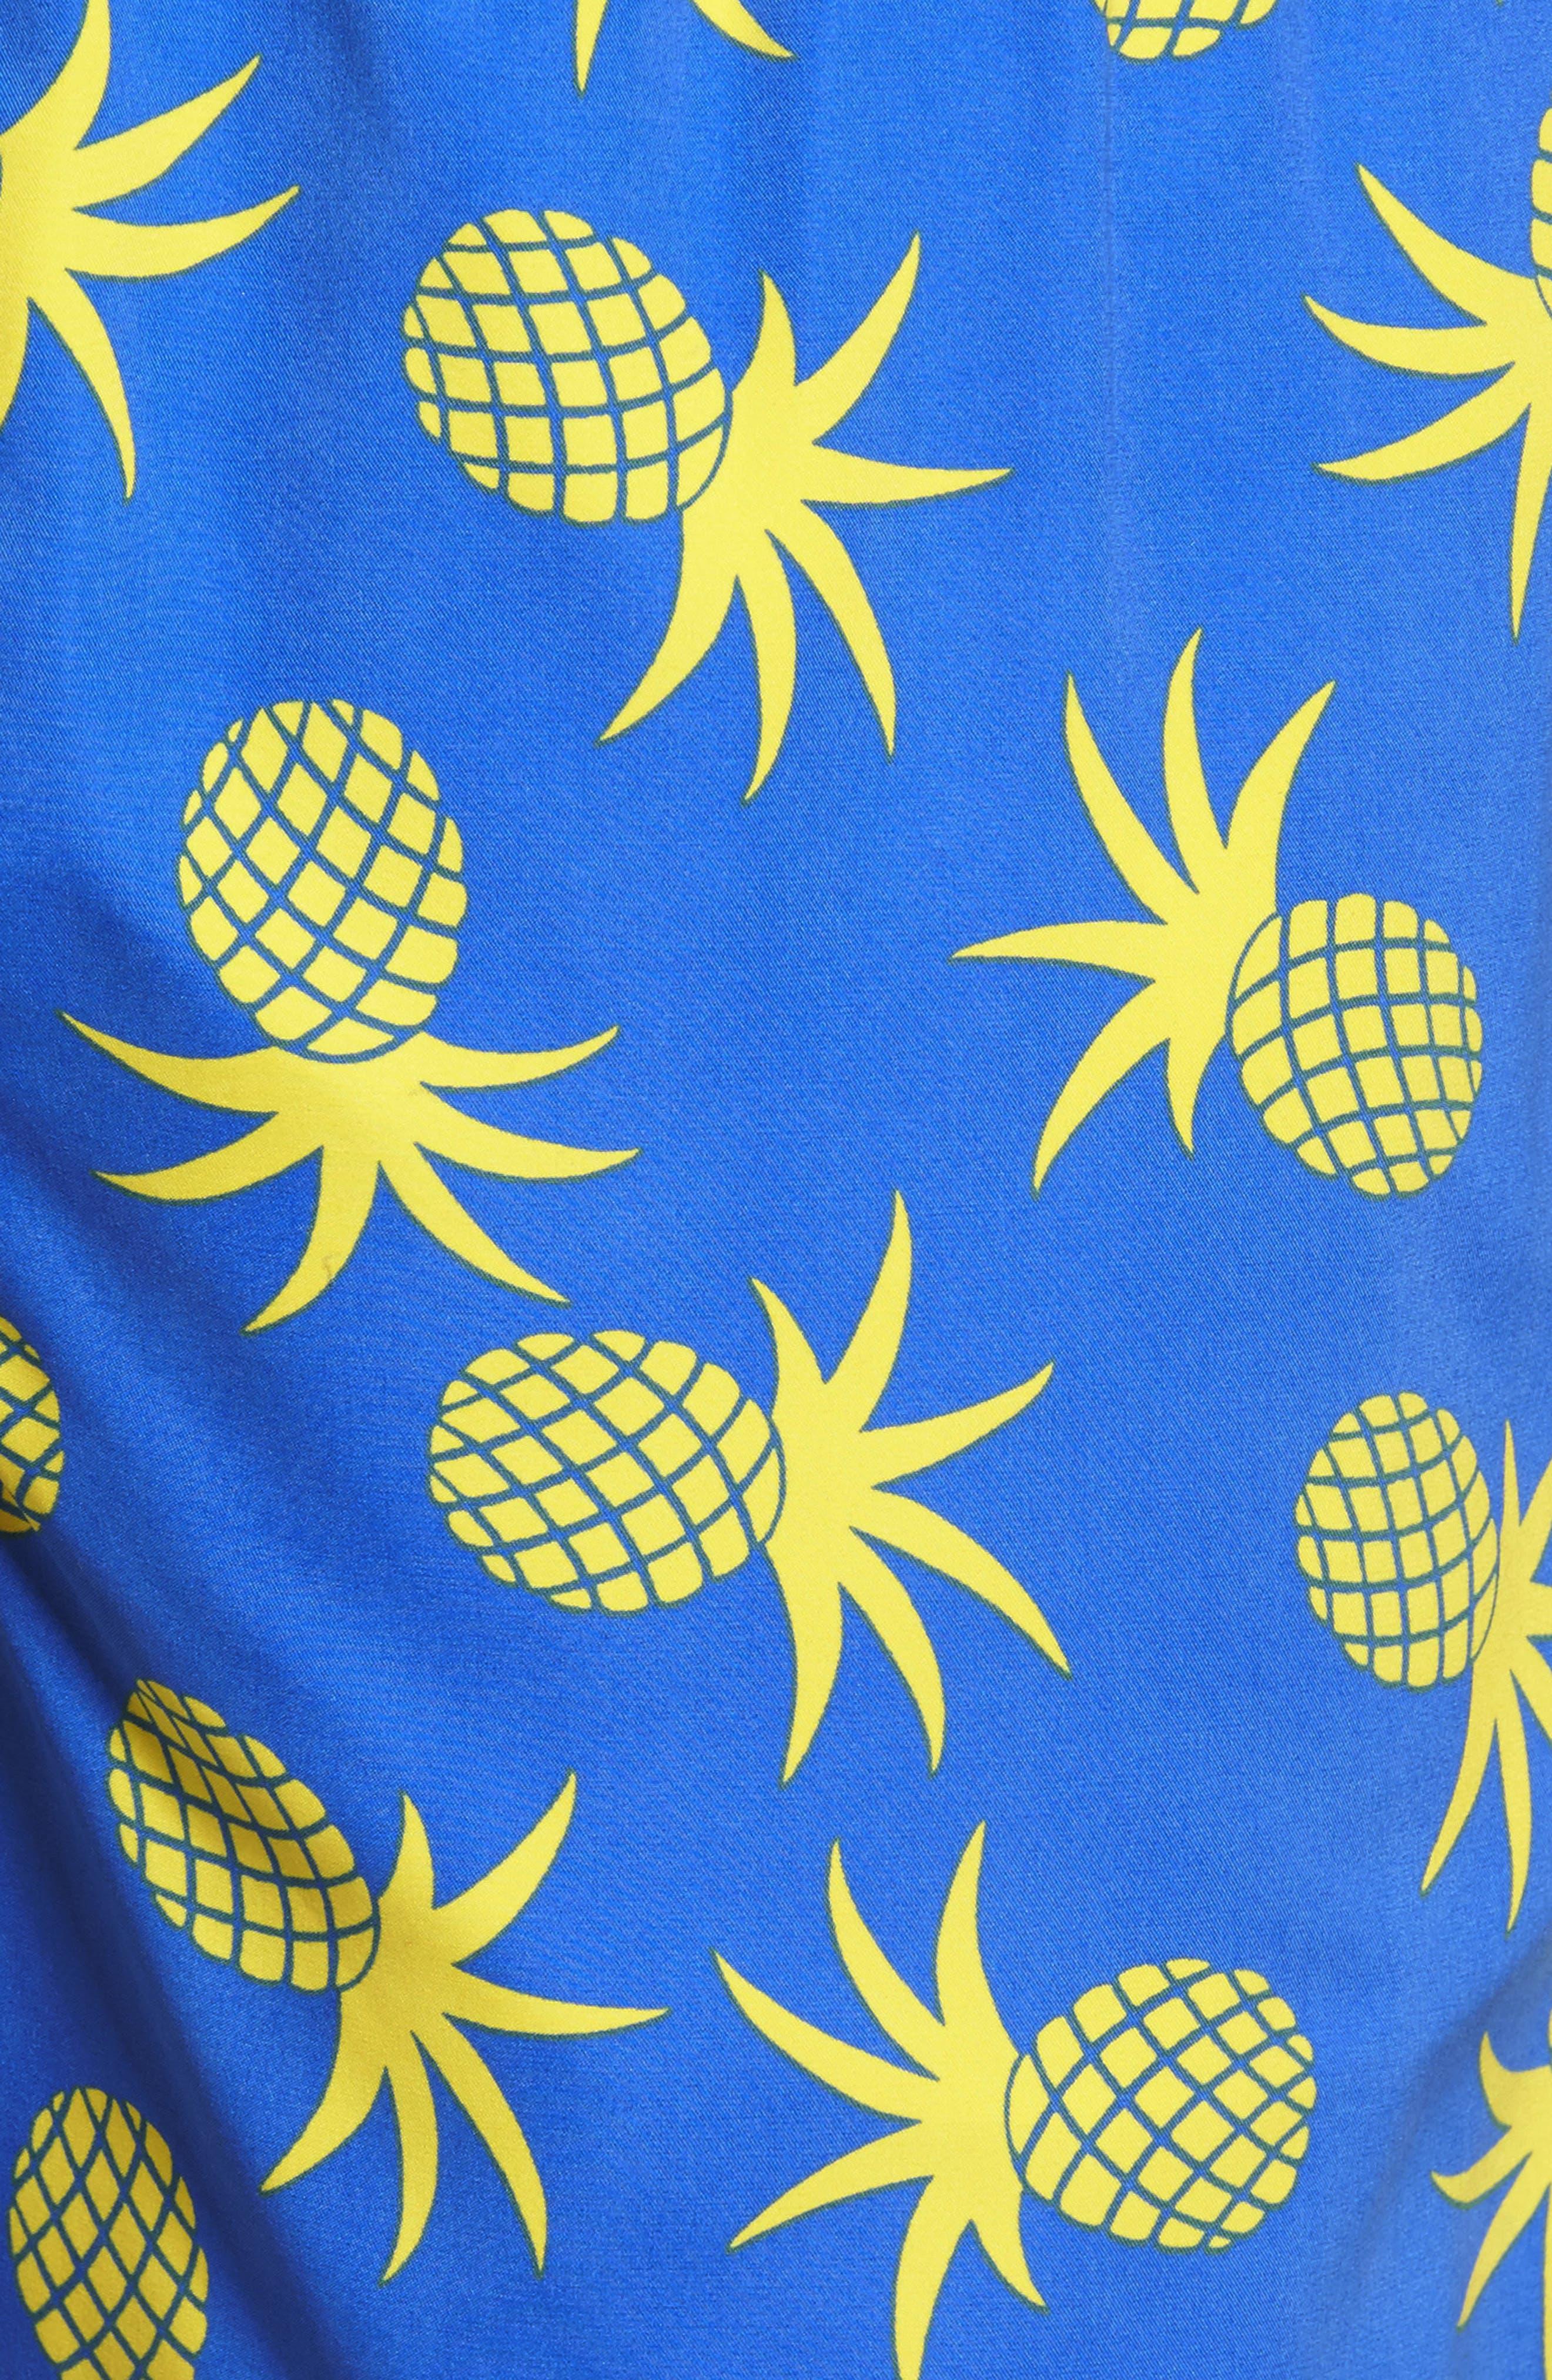 Pineapple Swim Trunks,                             Alternate thumbnail 5, color,                             430